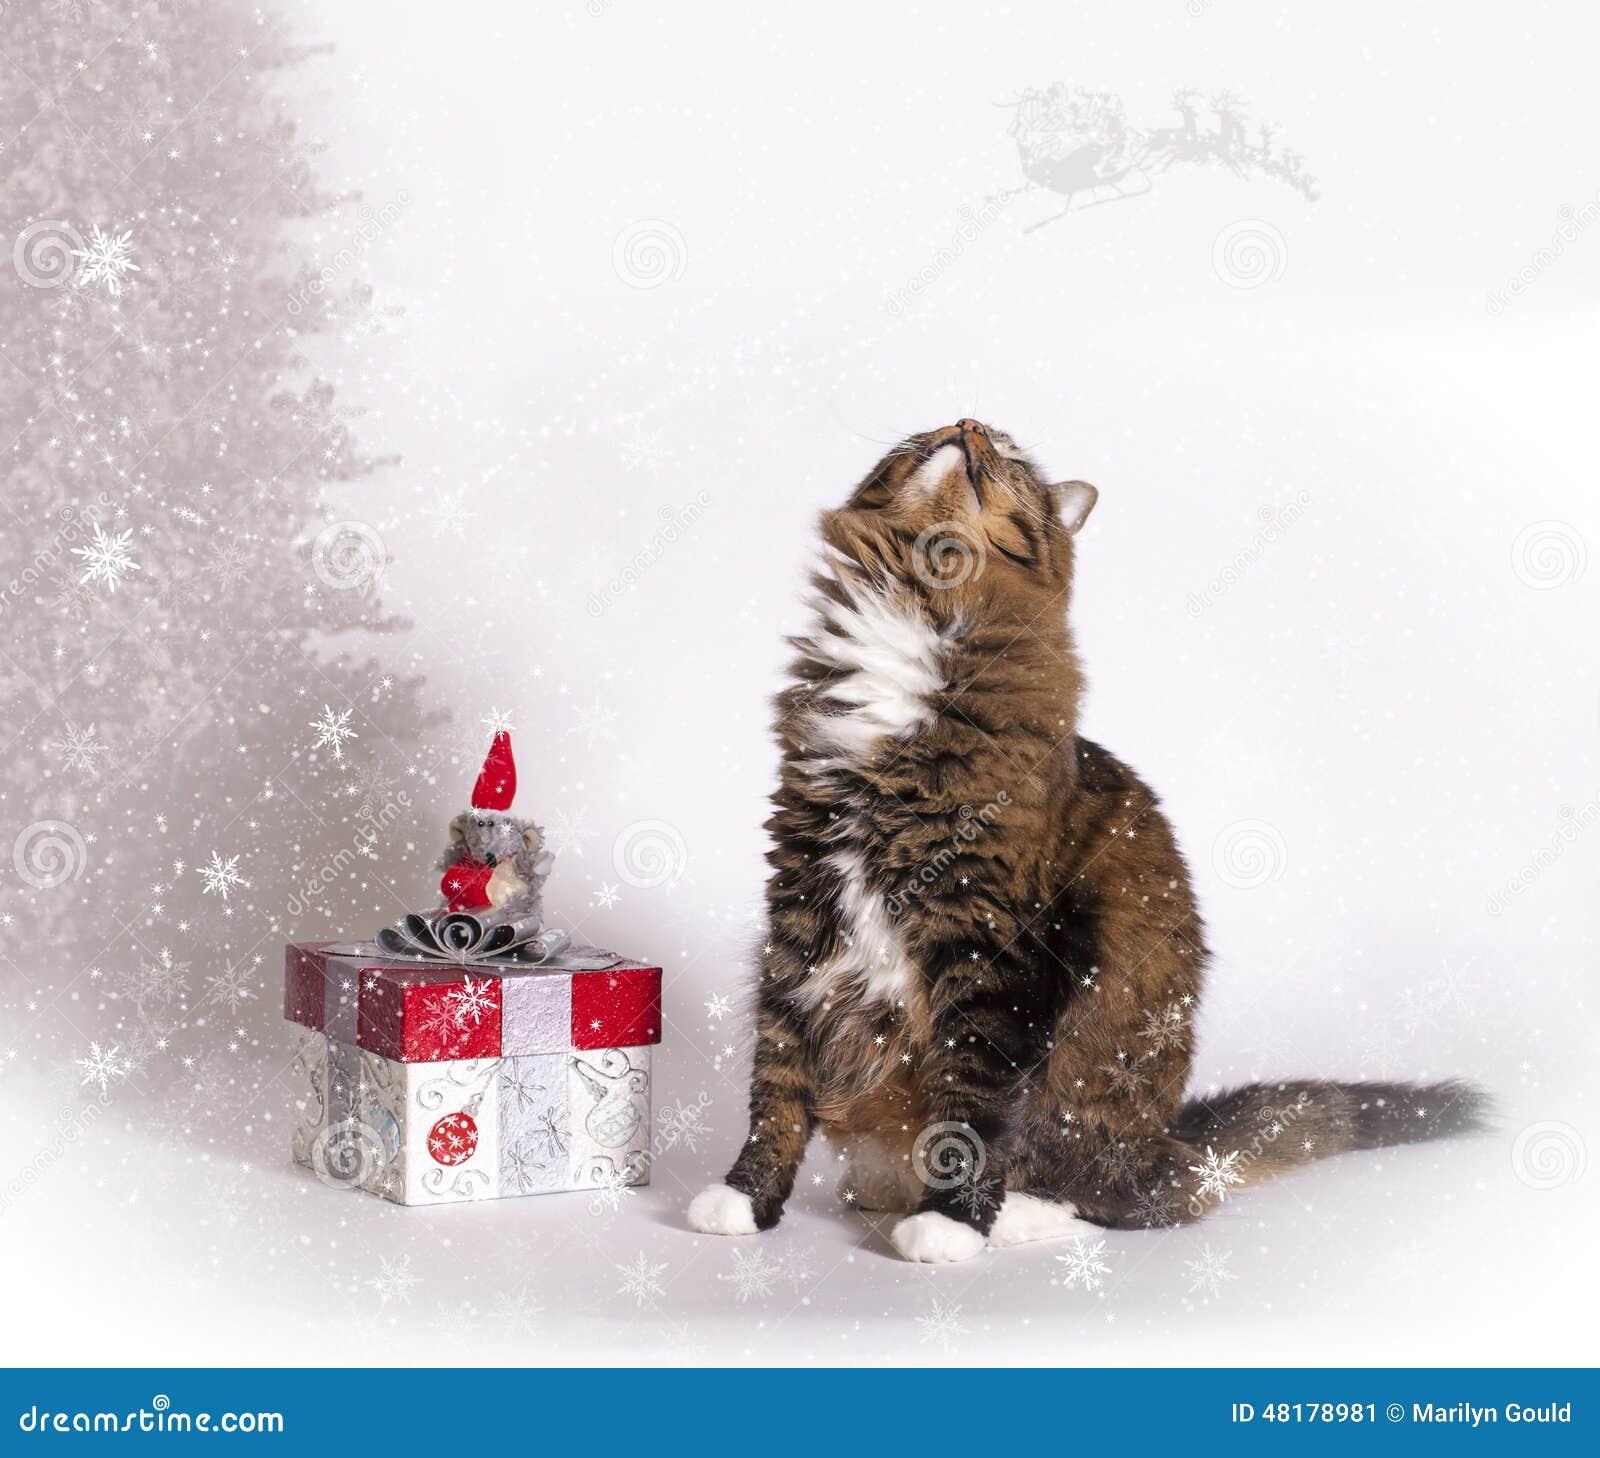 Joyful Cat Looking for Santa